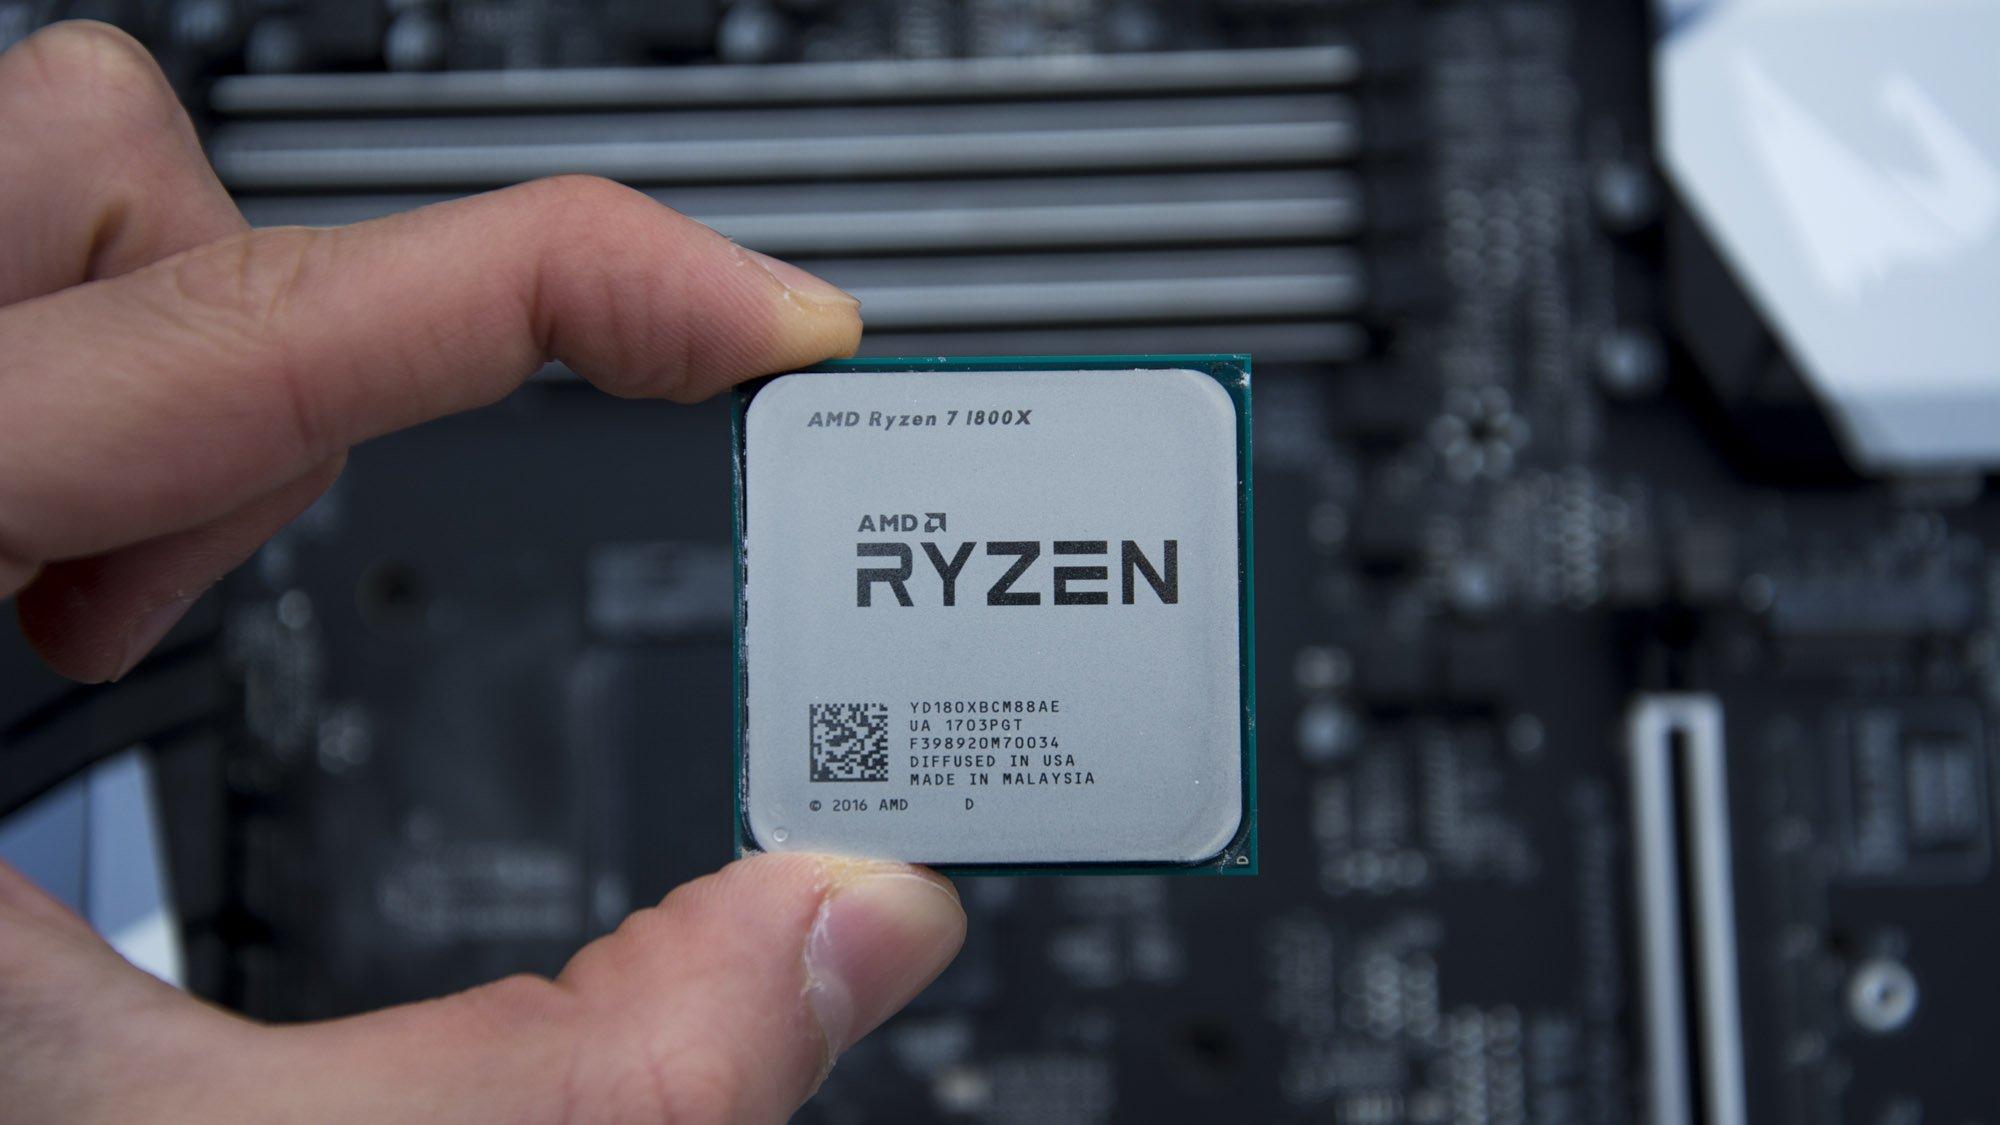 AMD Ryzen 2 UK release date: When does it launch?